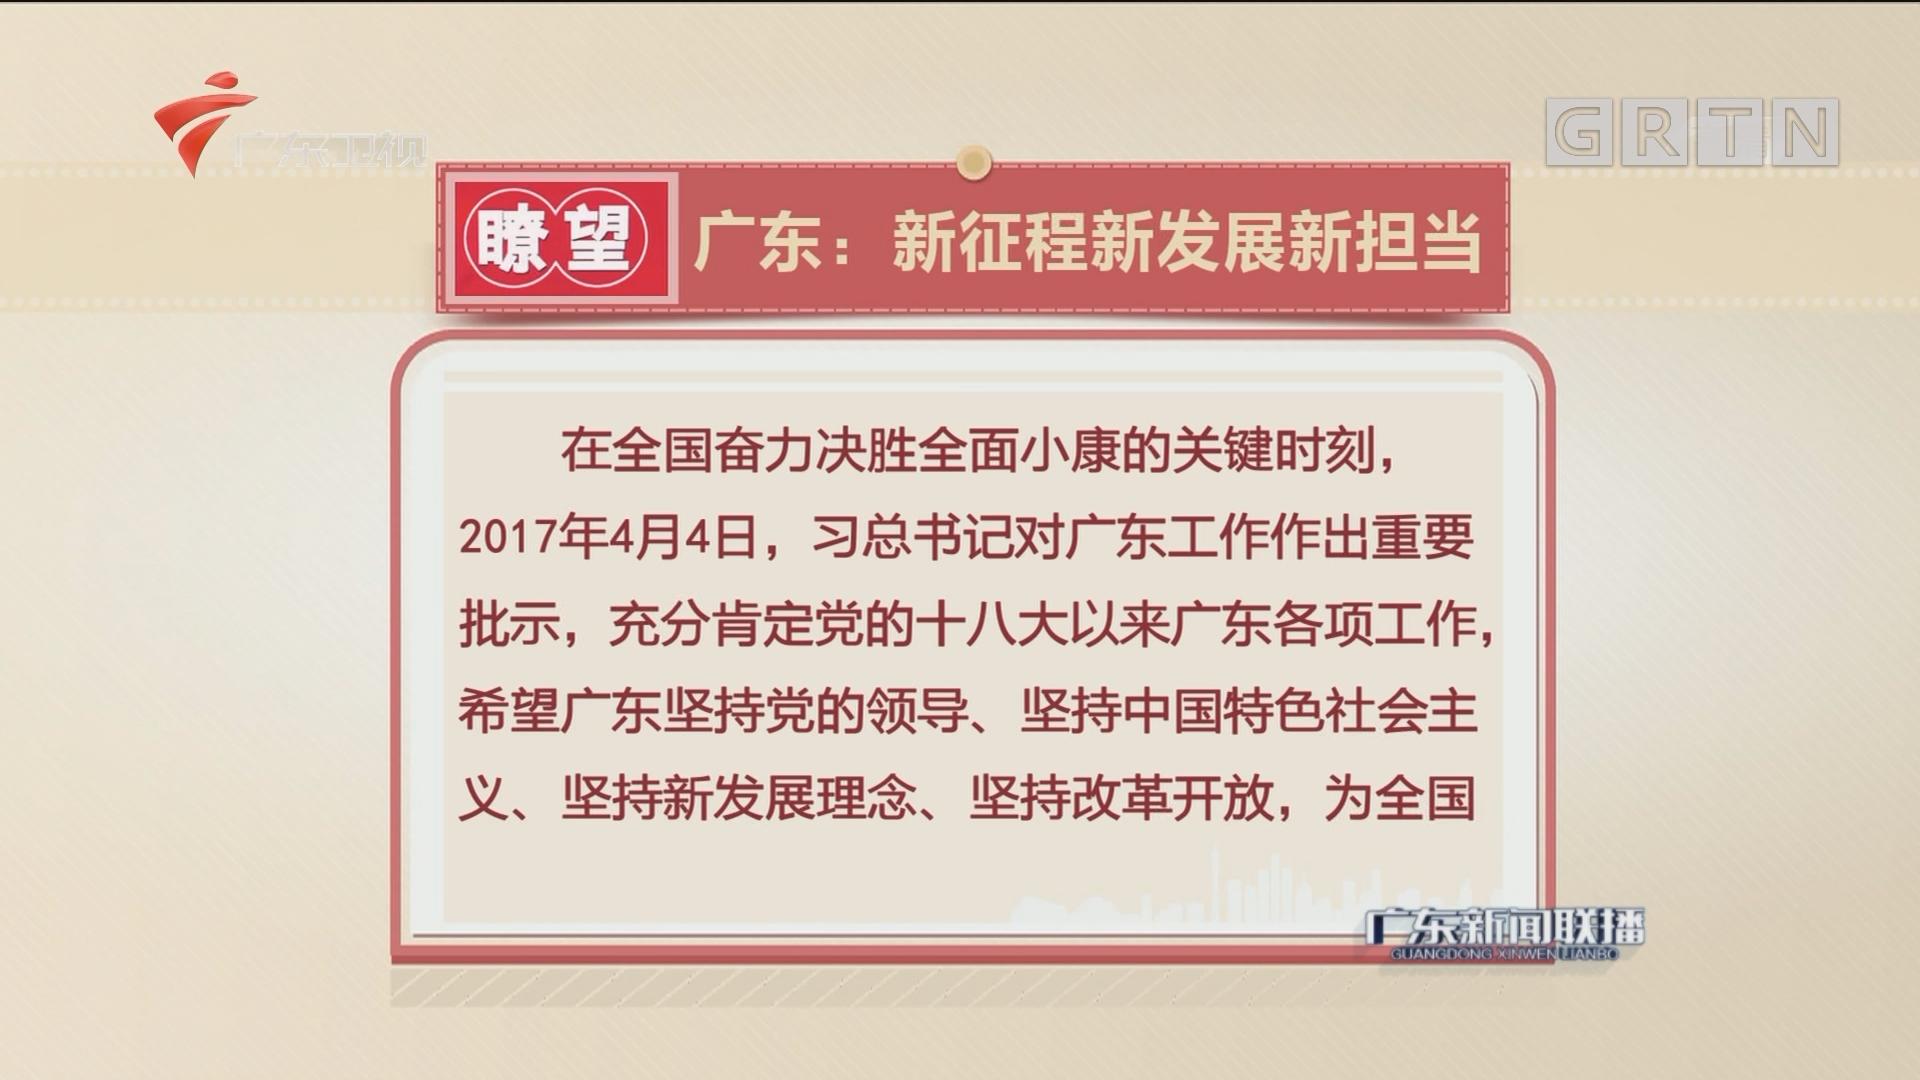 广东:新征程新发展新担当